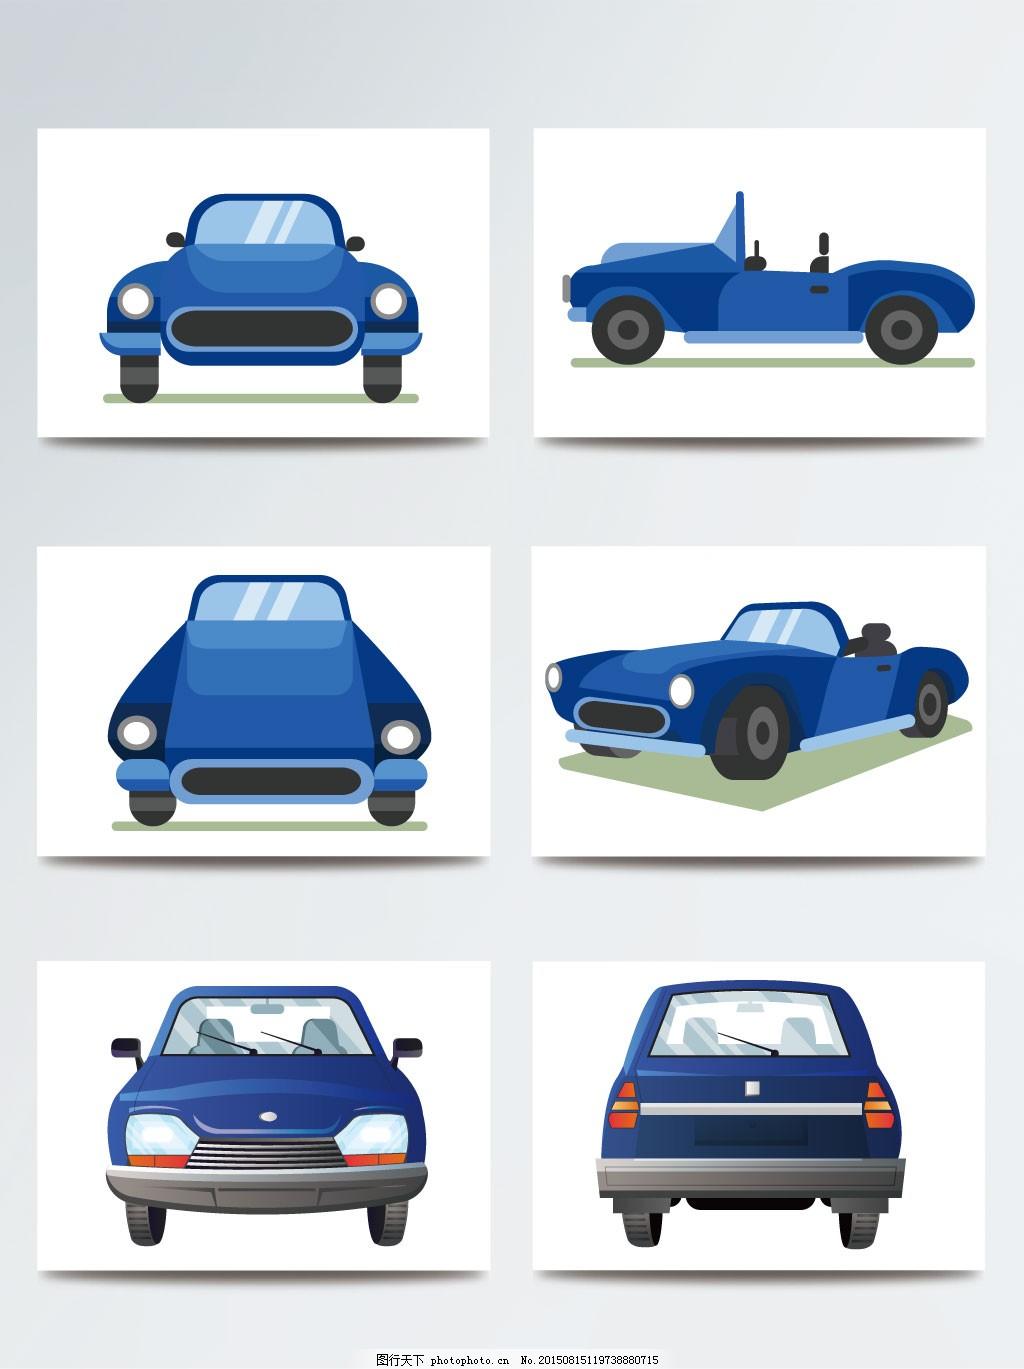 蓝色卡通小汽车装饰元素设计,AI,卡通汽车矢量图,卡通汽车图案,汽车卡通,汽车卡通图片,汽车文化